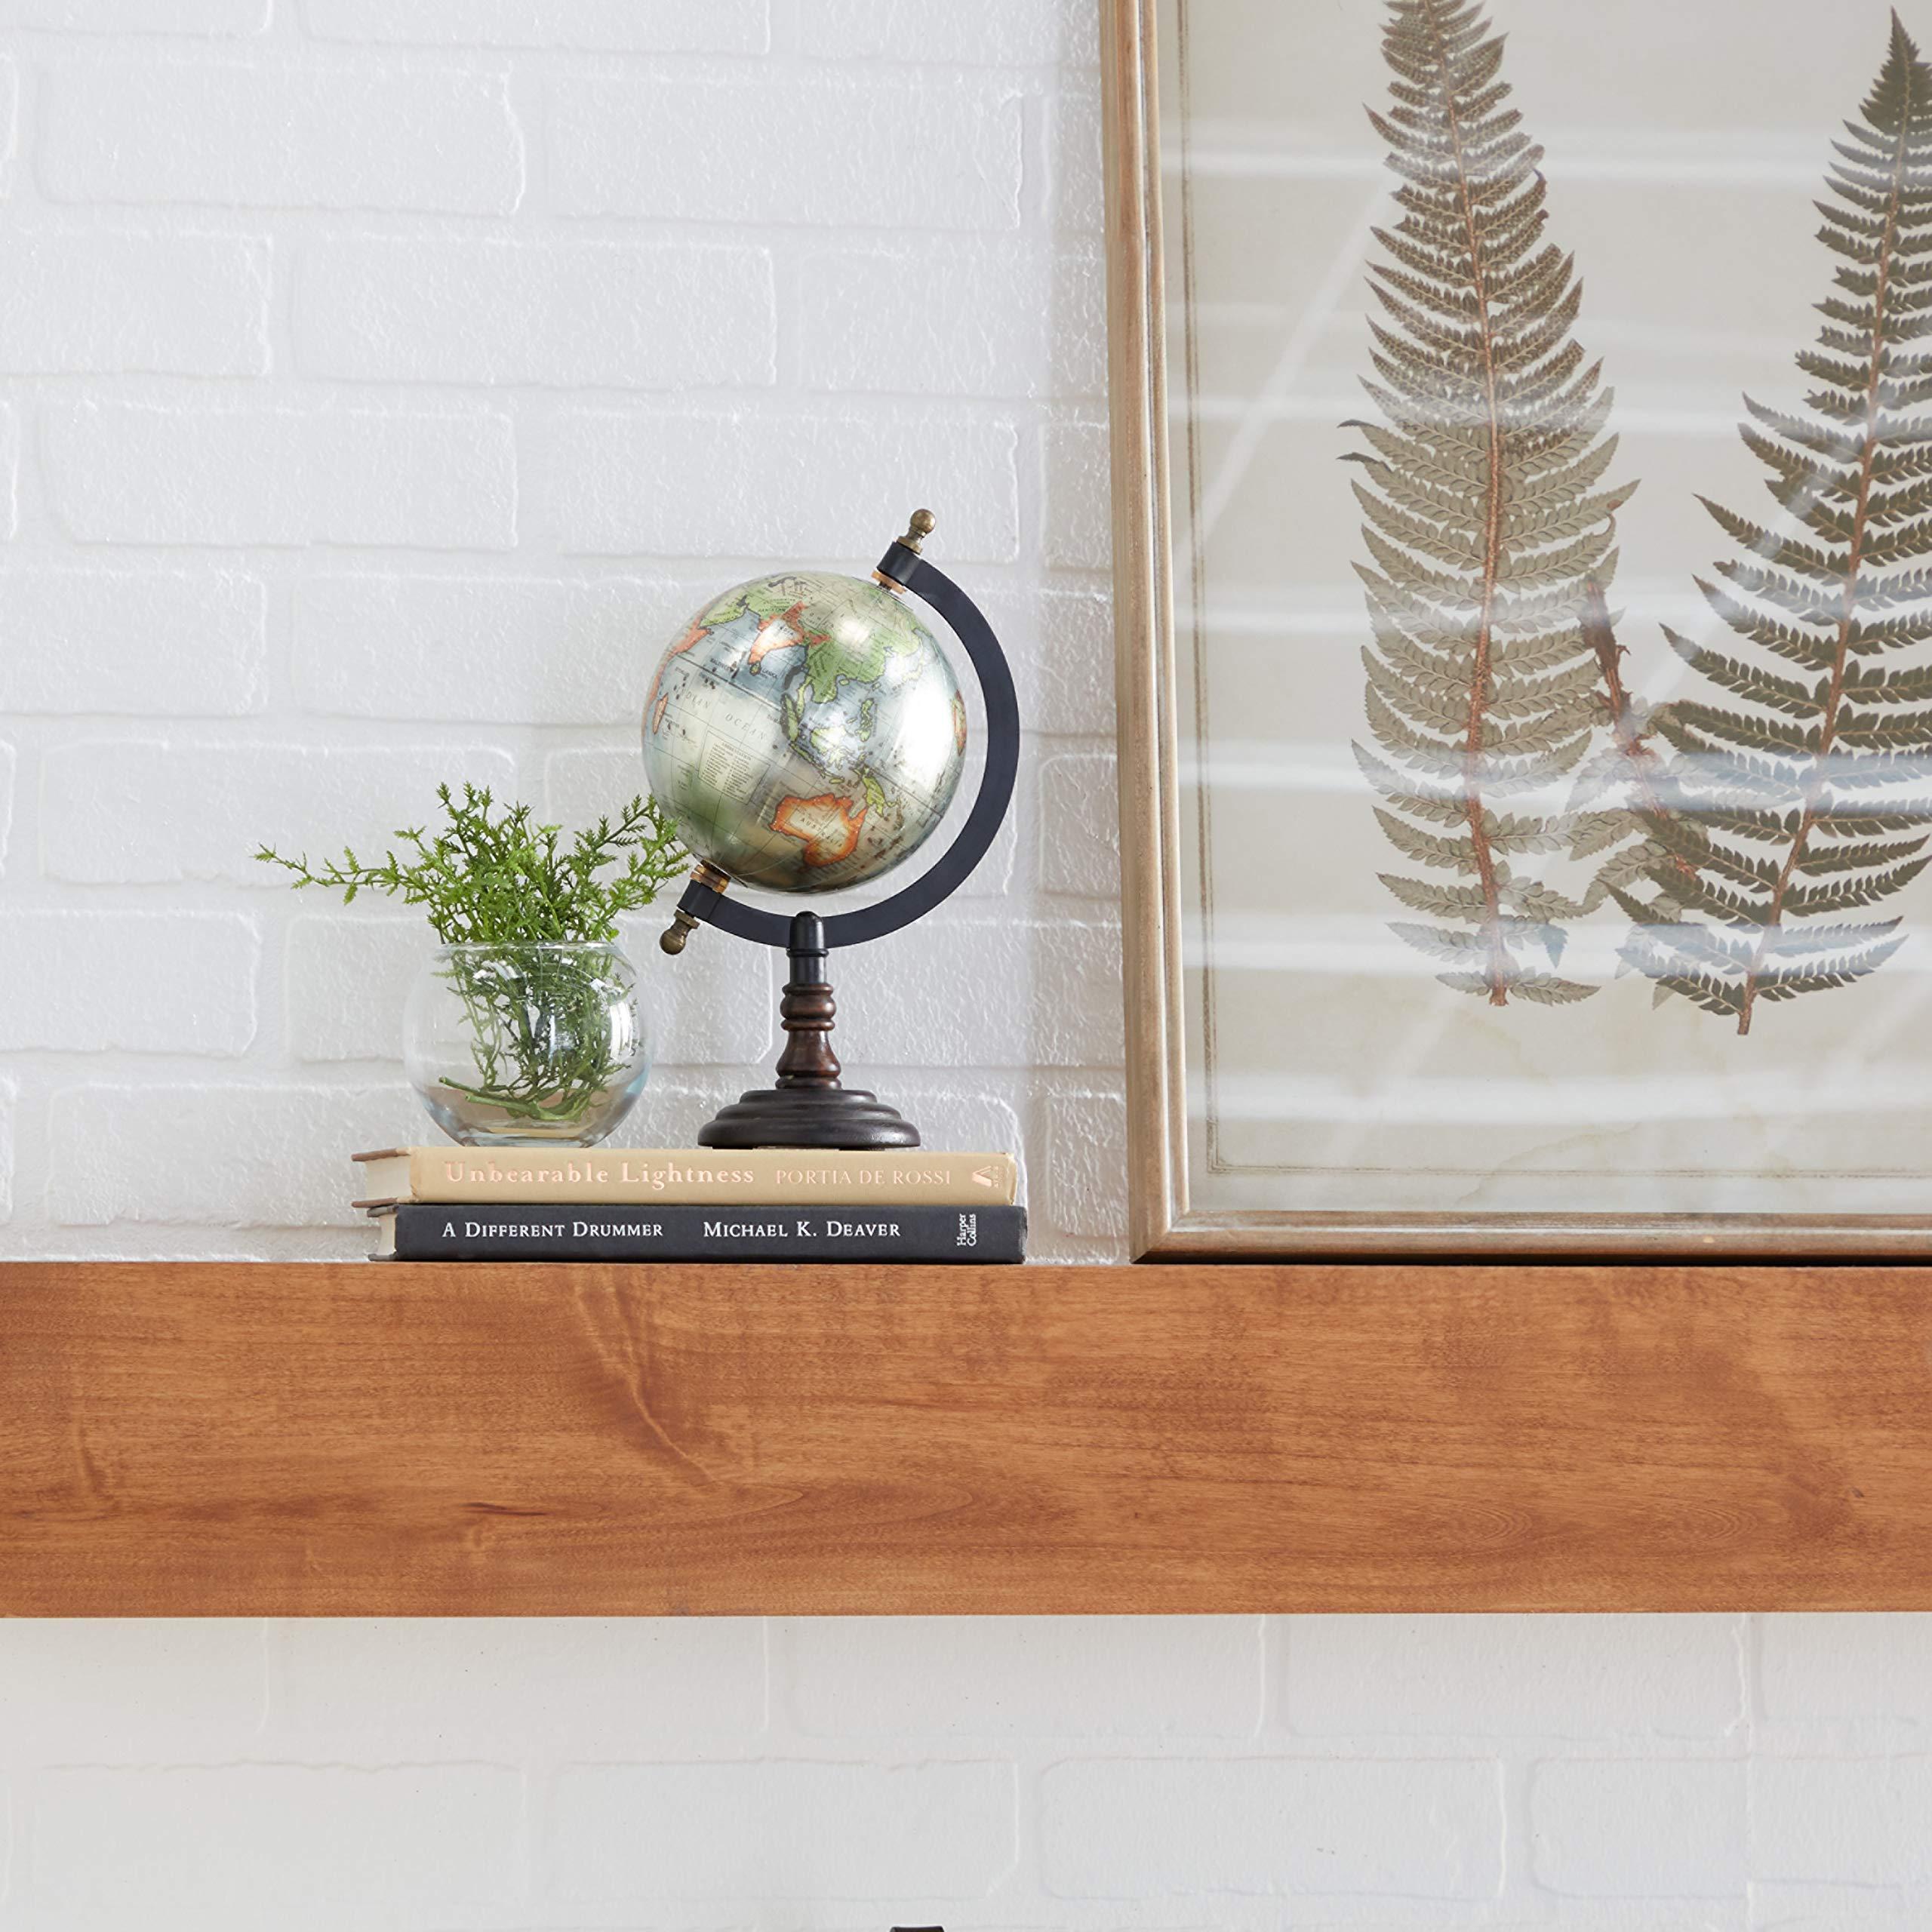 Globo terraqueo de metal con base de madera (25.5 x 13 cm)